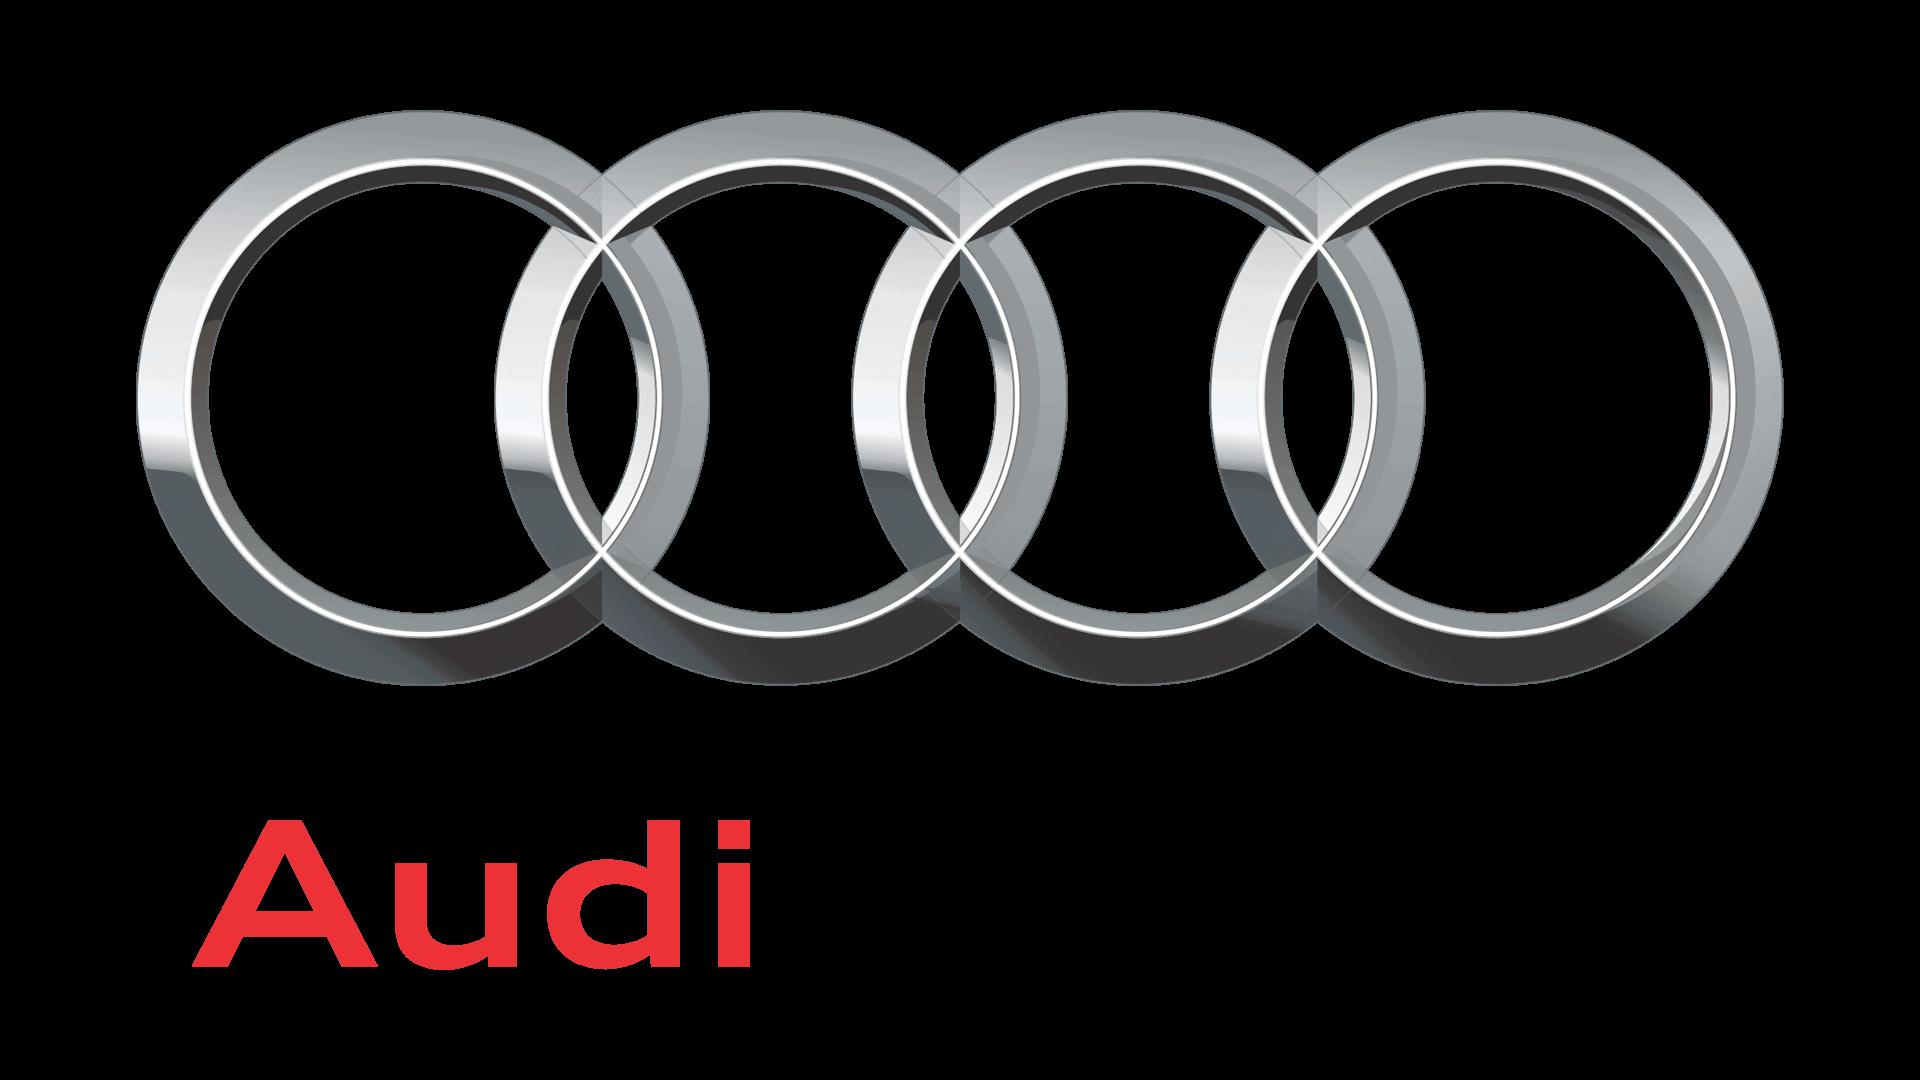 http://rpmautolease.com/wp-content/uploads/2017/08/Audi-logo-2009-1920x1080.png